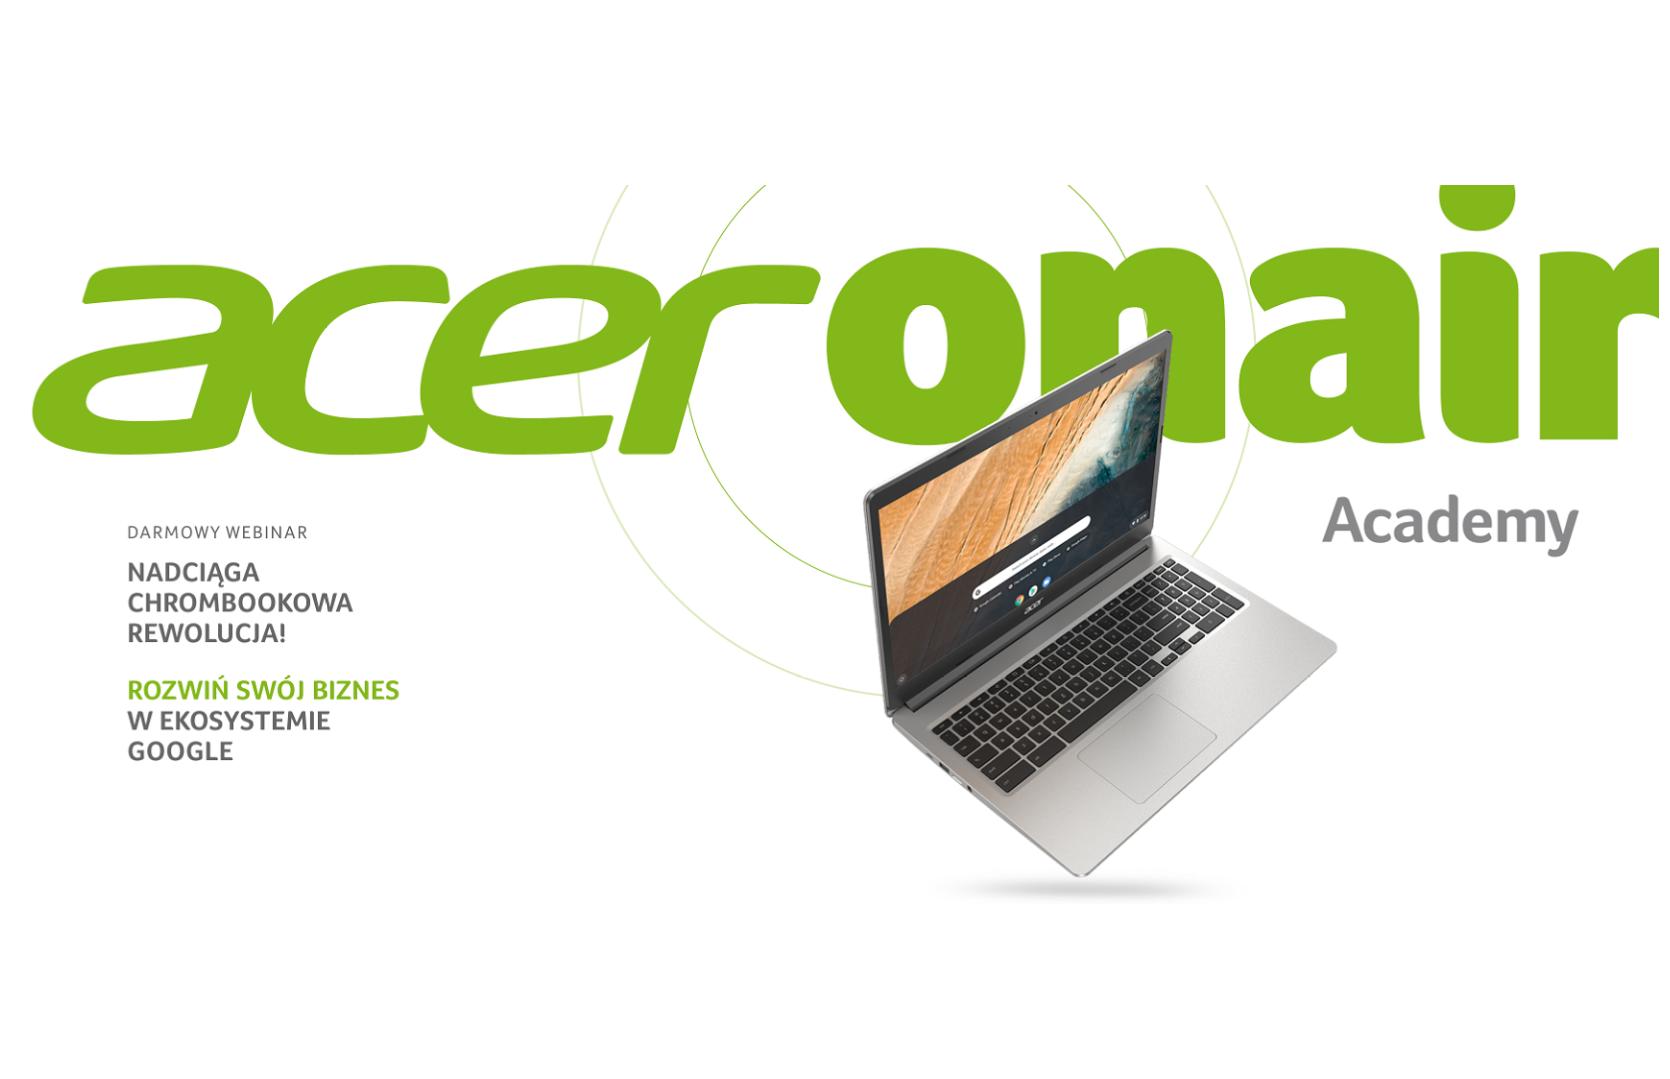 Nadciąga Chromebookowa rewolucja! Acer Polska zaprasza na webinar poświęcony biznesowi i edukacji w ekosystemie Google